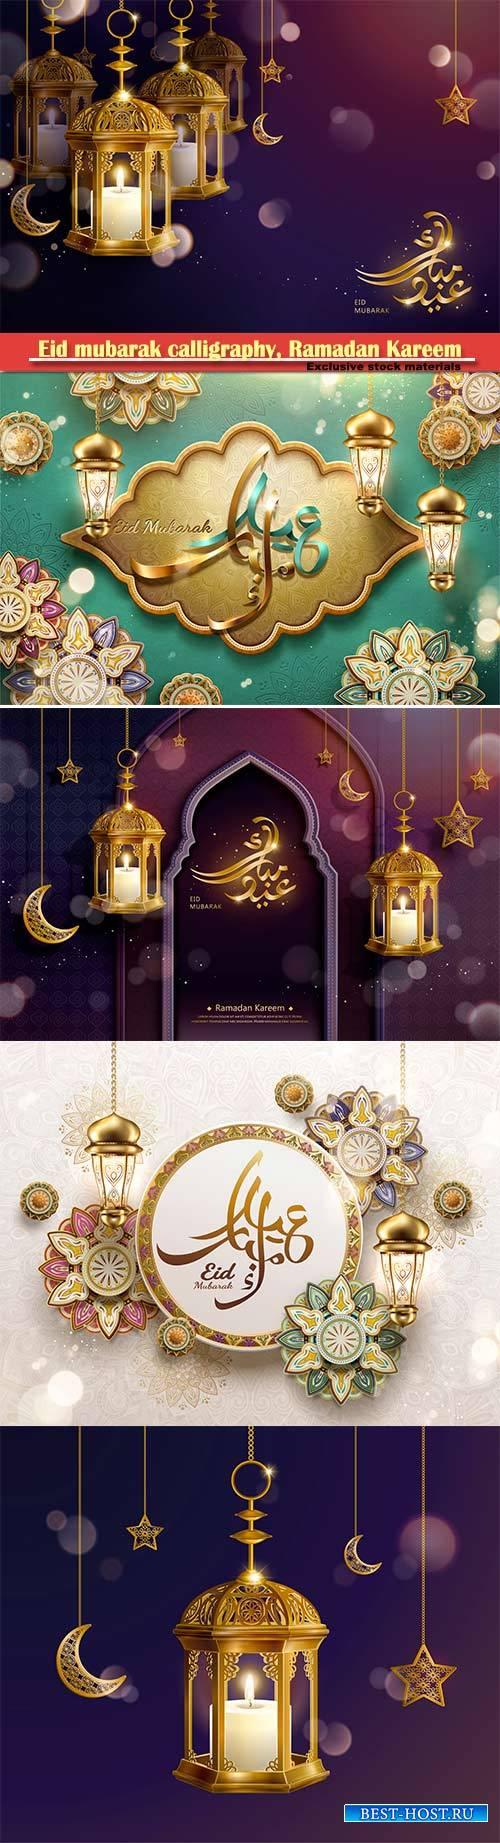 Eid mubarak calligraphy, Ramadan Kareem vector card # 5